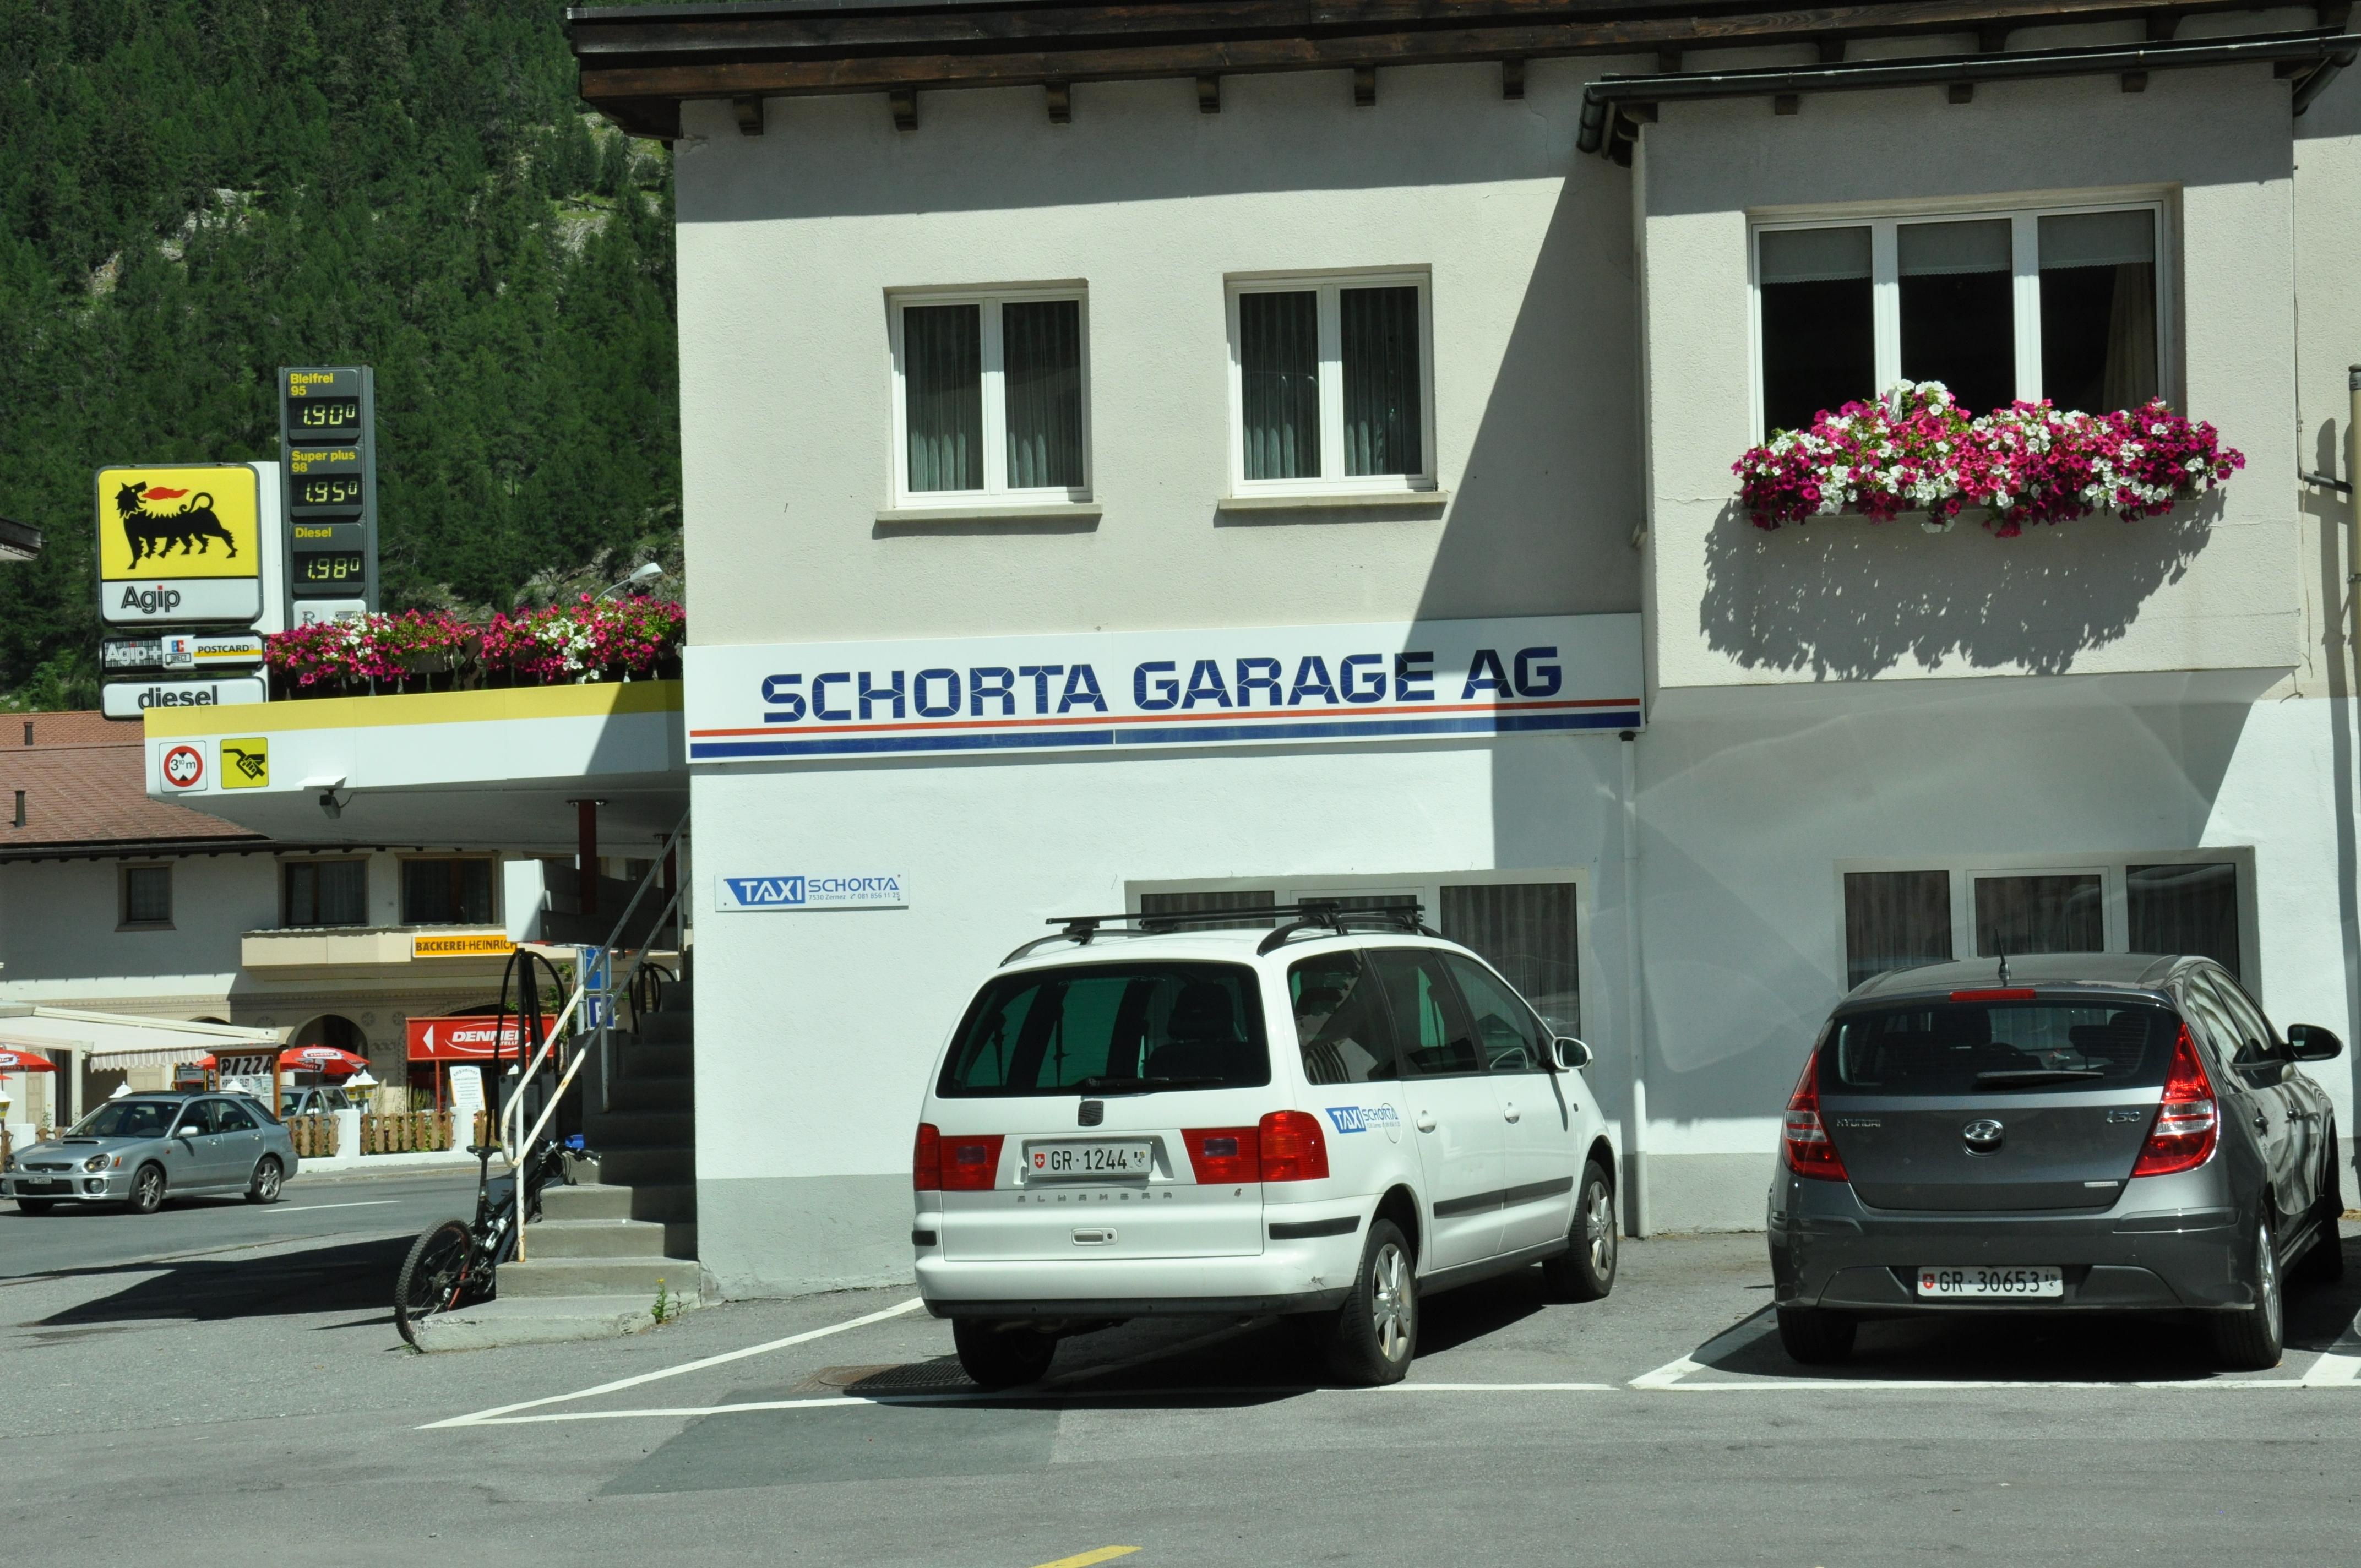 Schorta AG - Garage - Tankstelle Slide 1